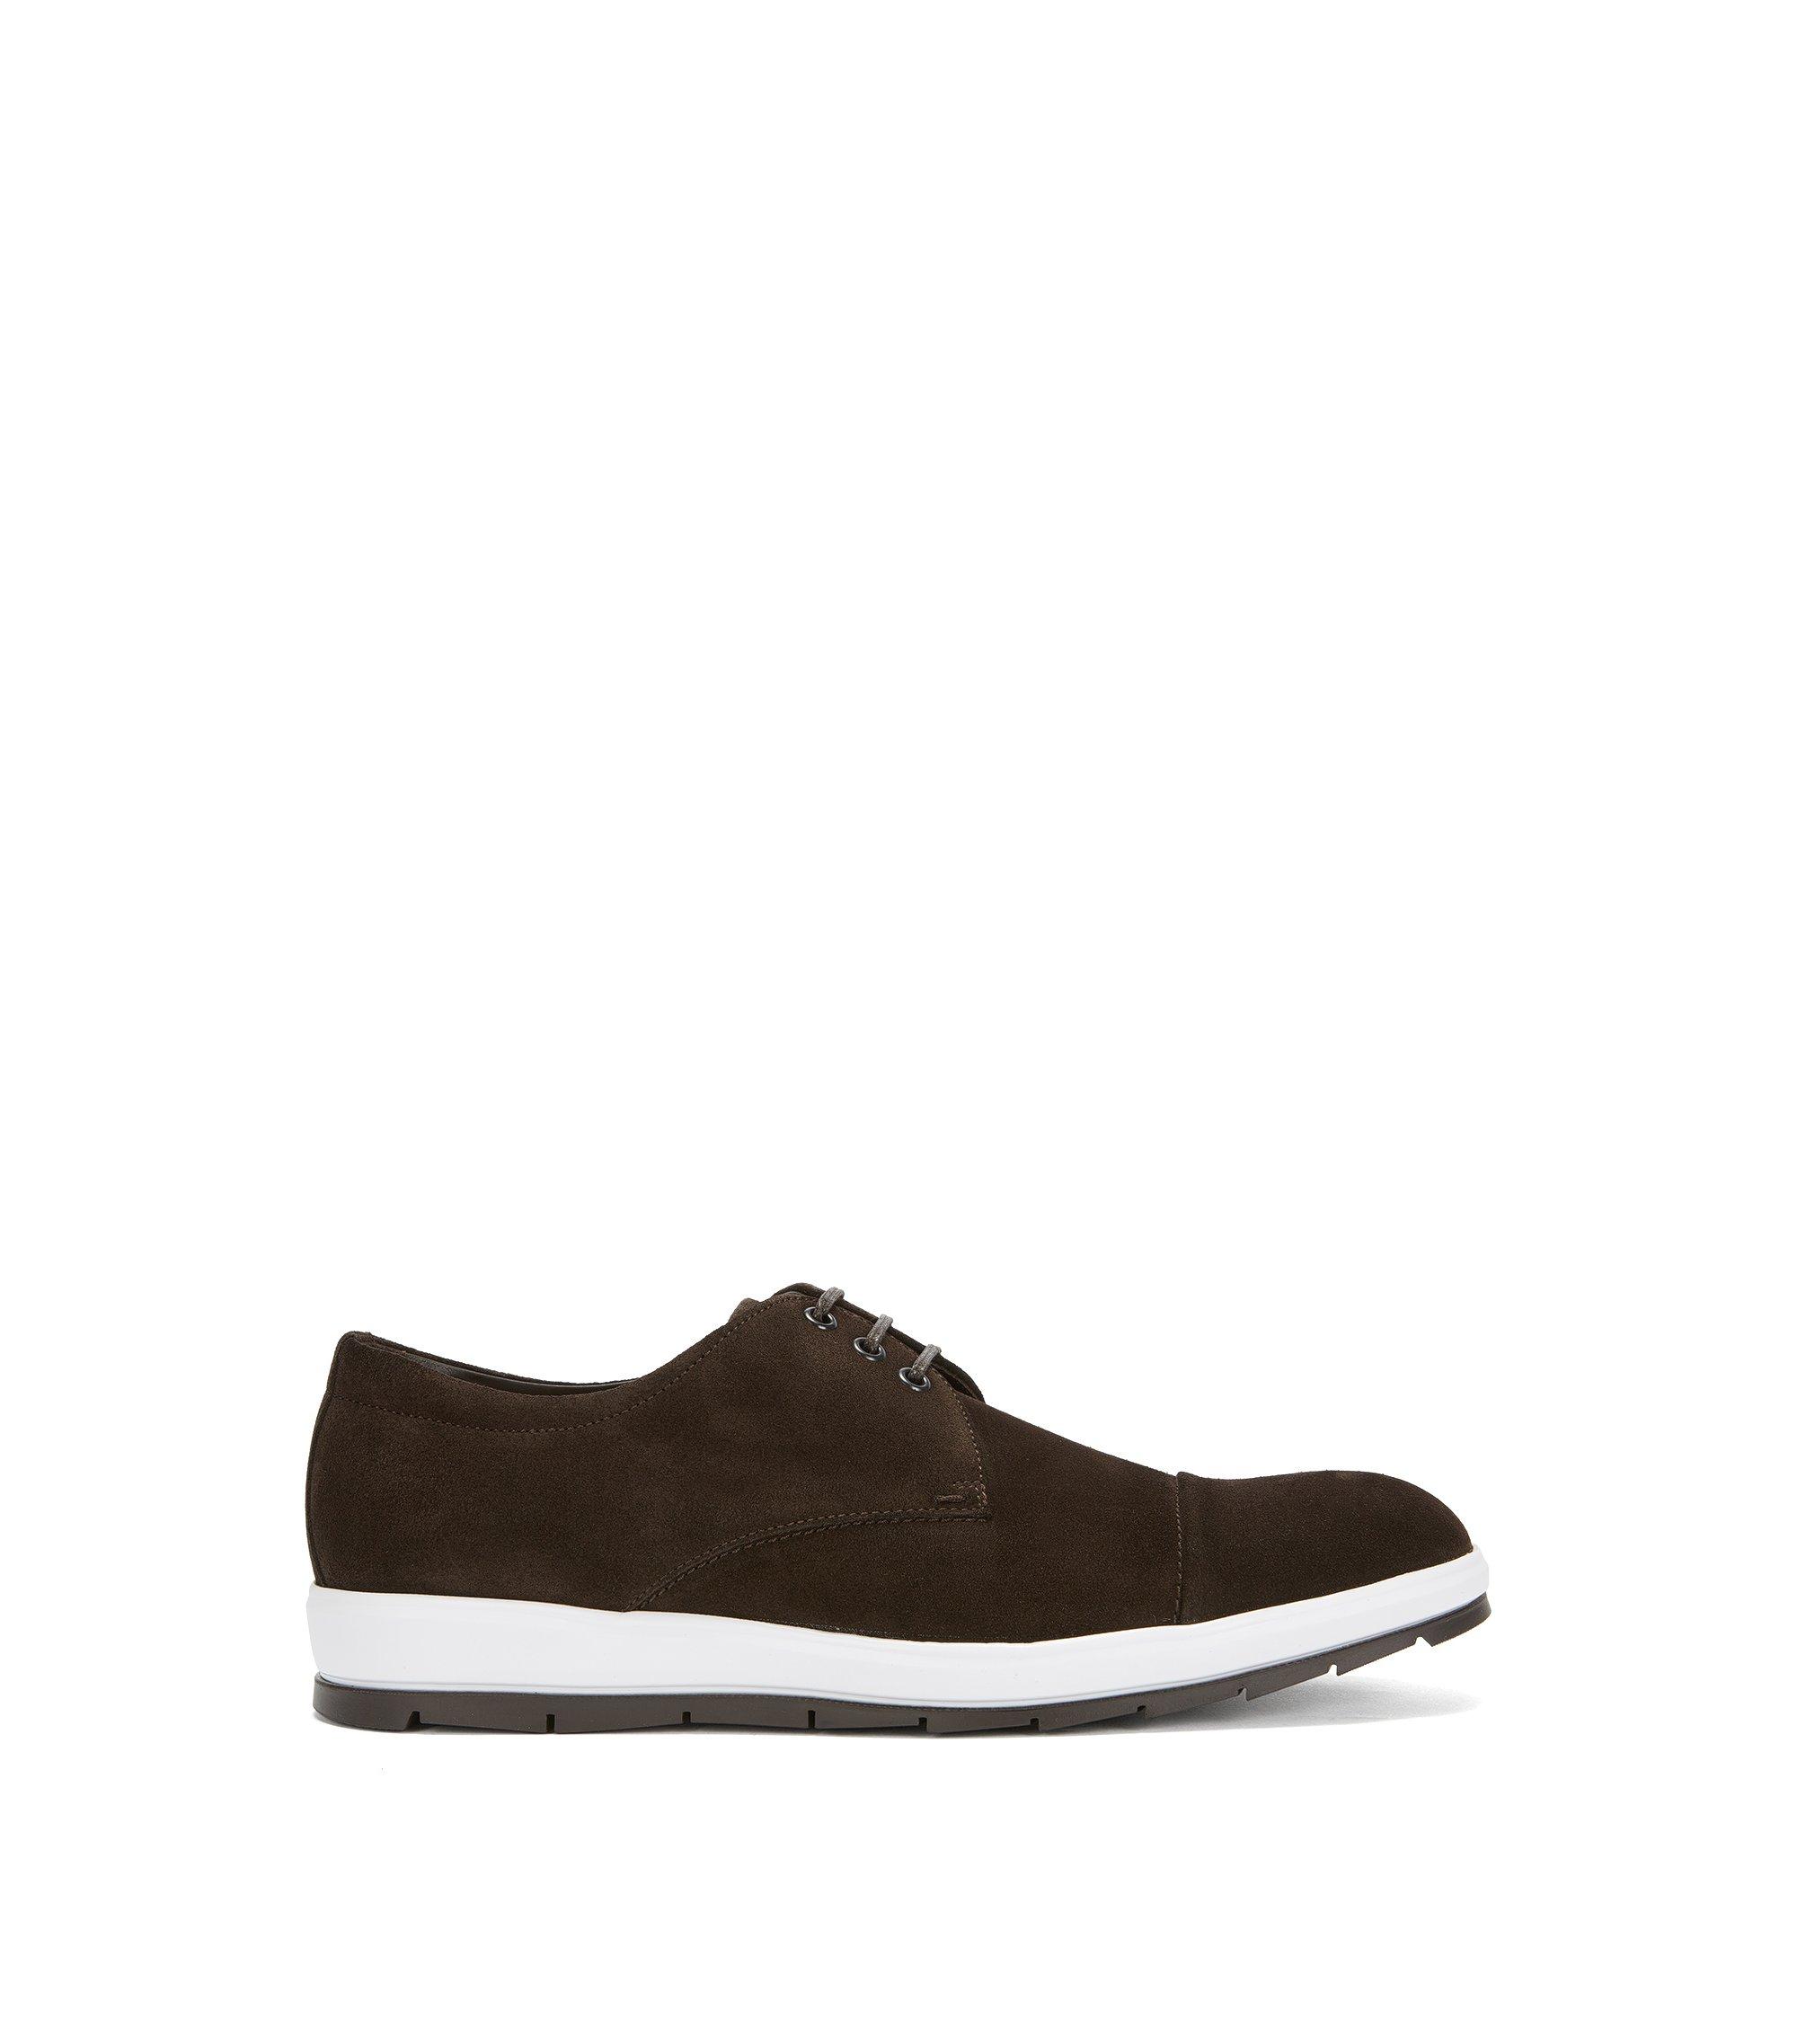 Suede Derby Shoe | Icon Derb Sdct, Dark Brown